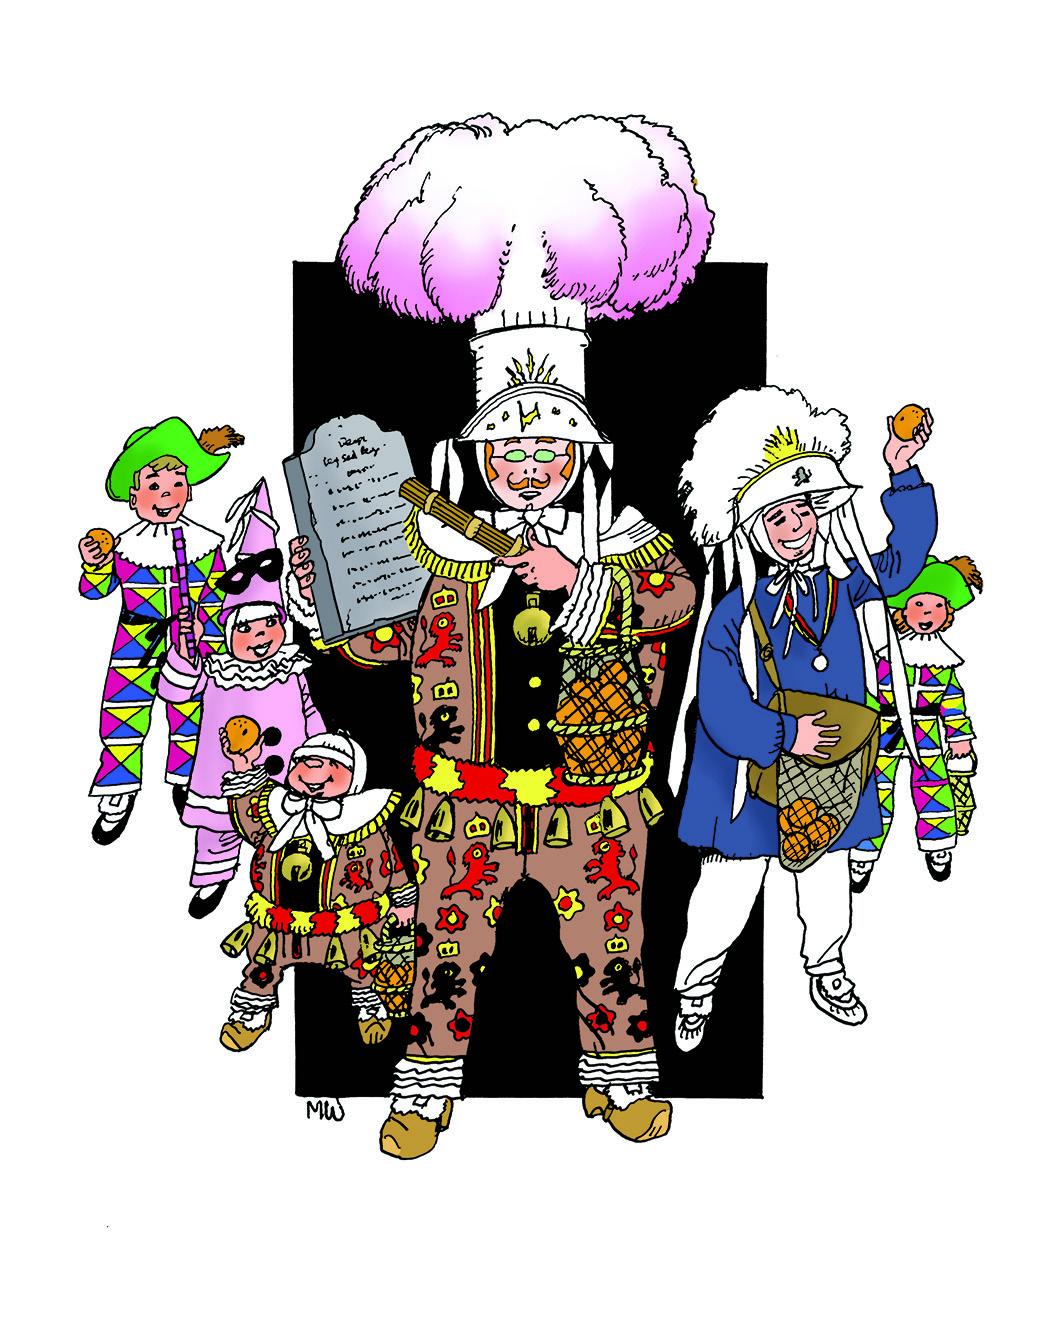 carnaval-binche-wasterlain-1